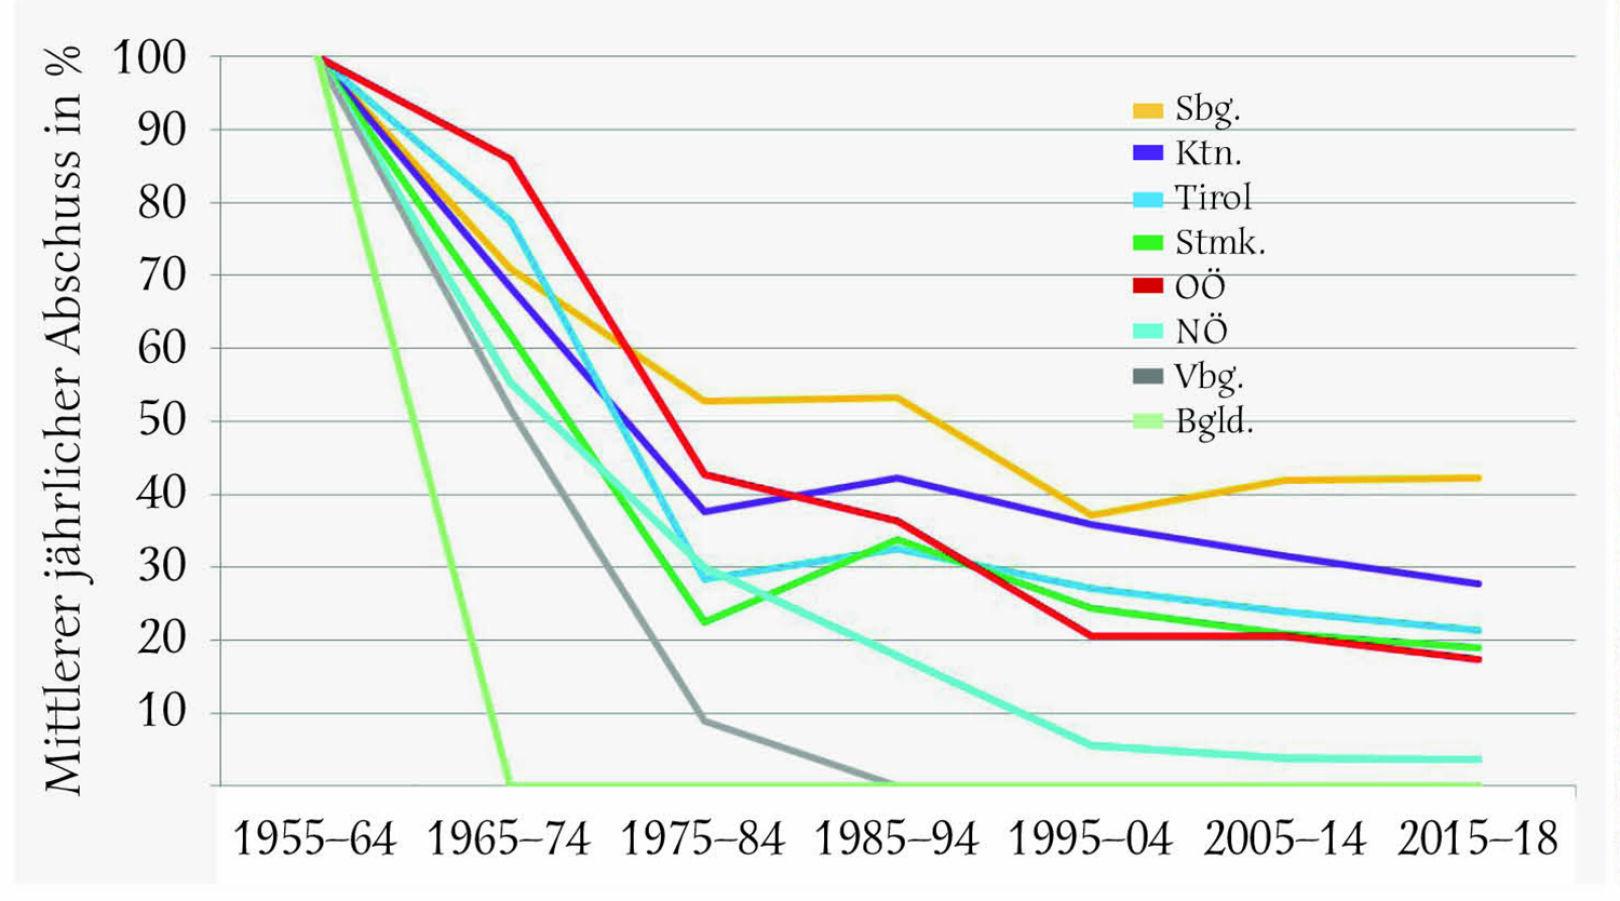 Abbildung 3 - Mittlerer jährlicher Auerhahnen-Abschuss in den österreichischen Bundesländern je 10-Jahres-Periode (letzte Periode 4 Jahre)in % vom Maximalabschuss, der in allen Bundesländern in der ersten Periode (1955–1964) erfolgte. - © Grafik Reimoser